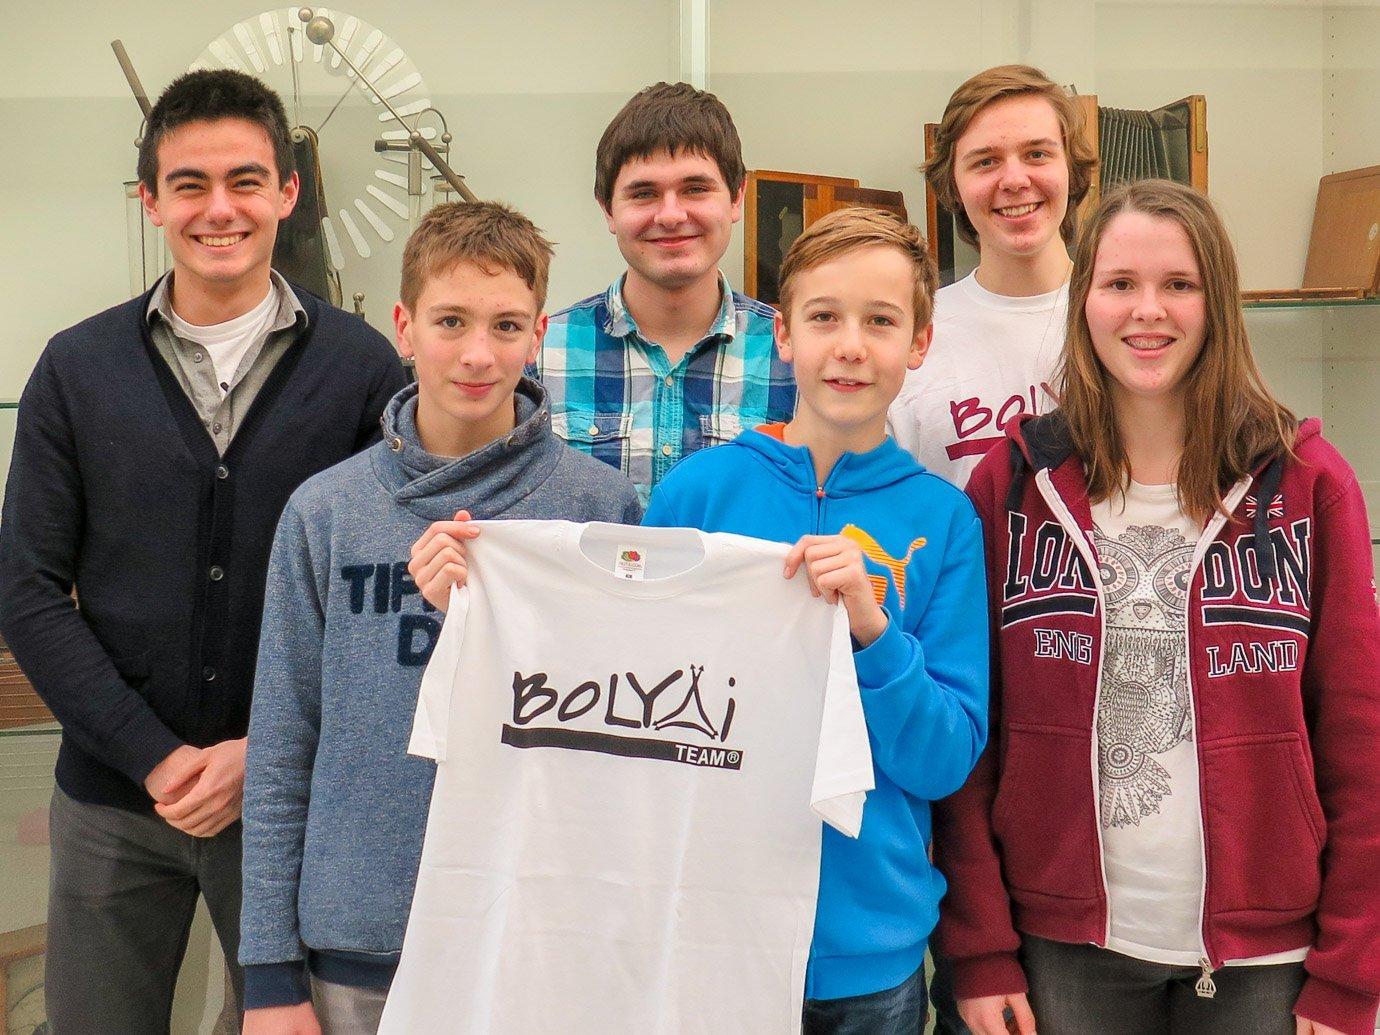 Teamsieger beim Bolyai-Wettbewerb